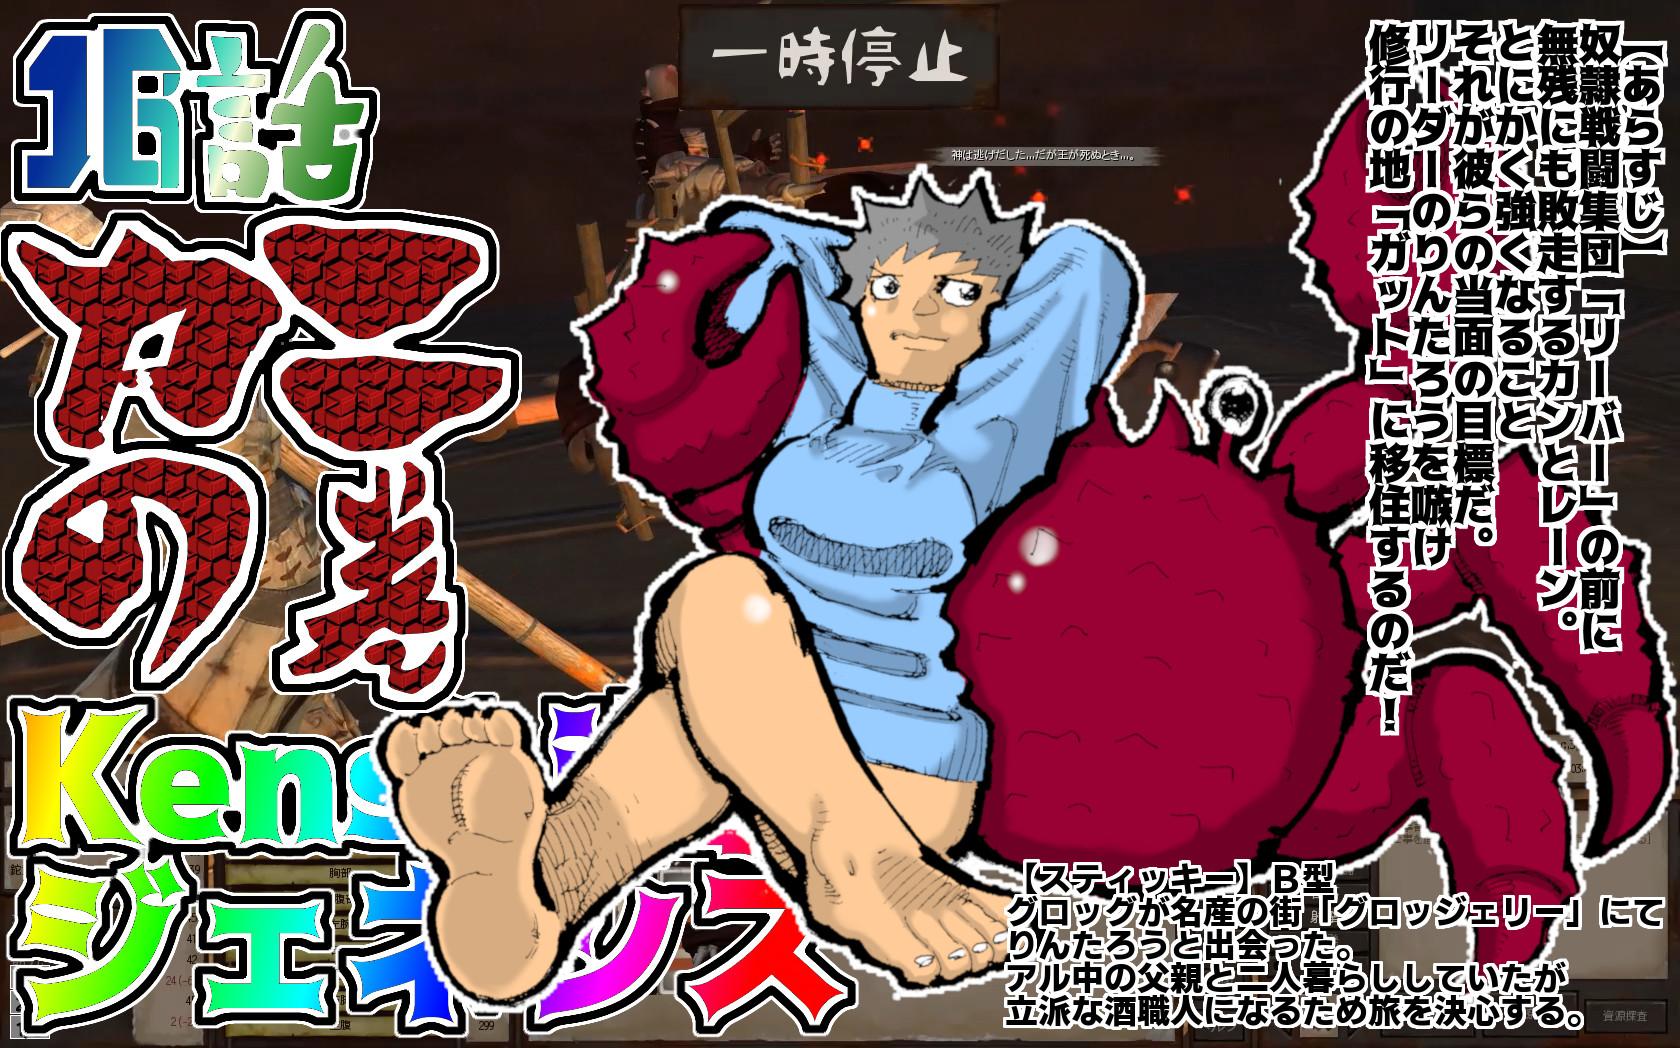 【動画】【実況プレイ】Kenshi日録ジェネシス 16話 カニの巻